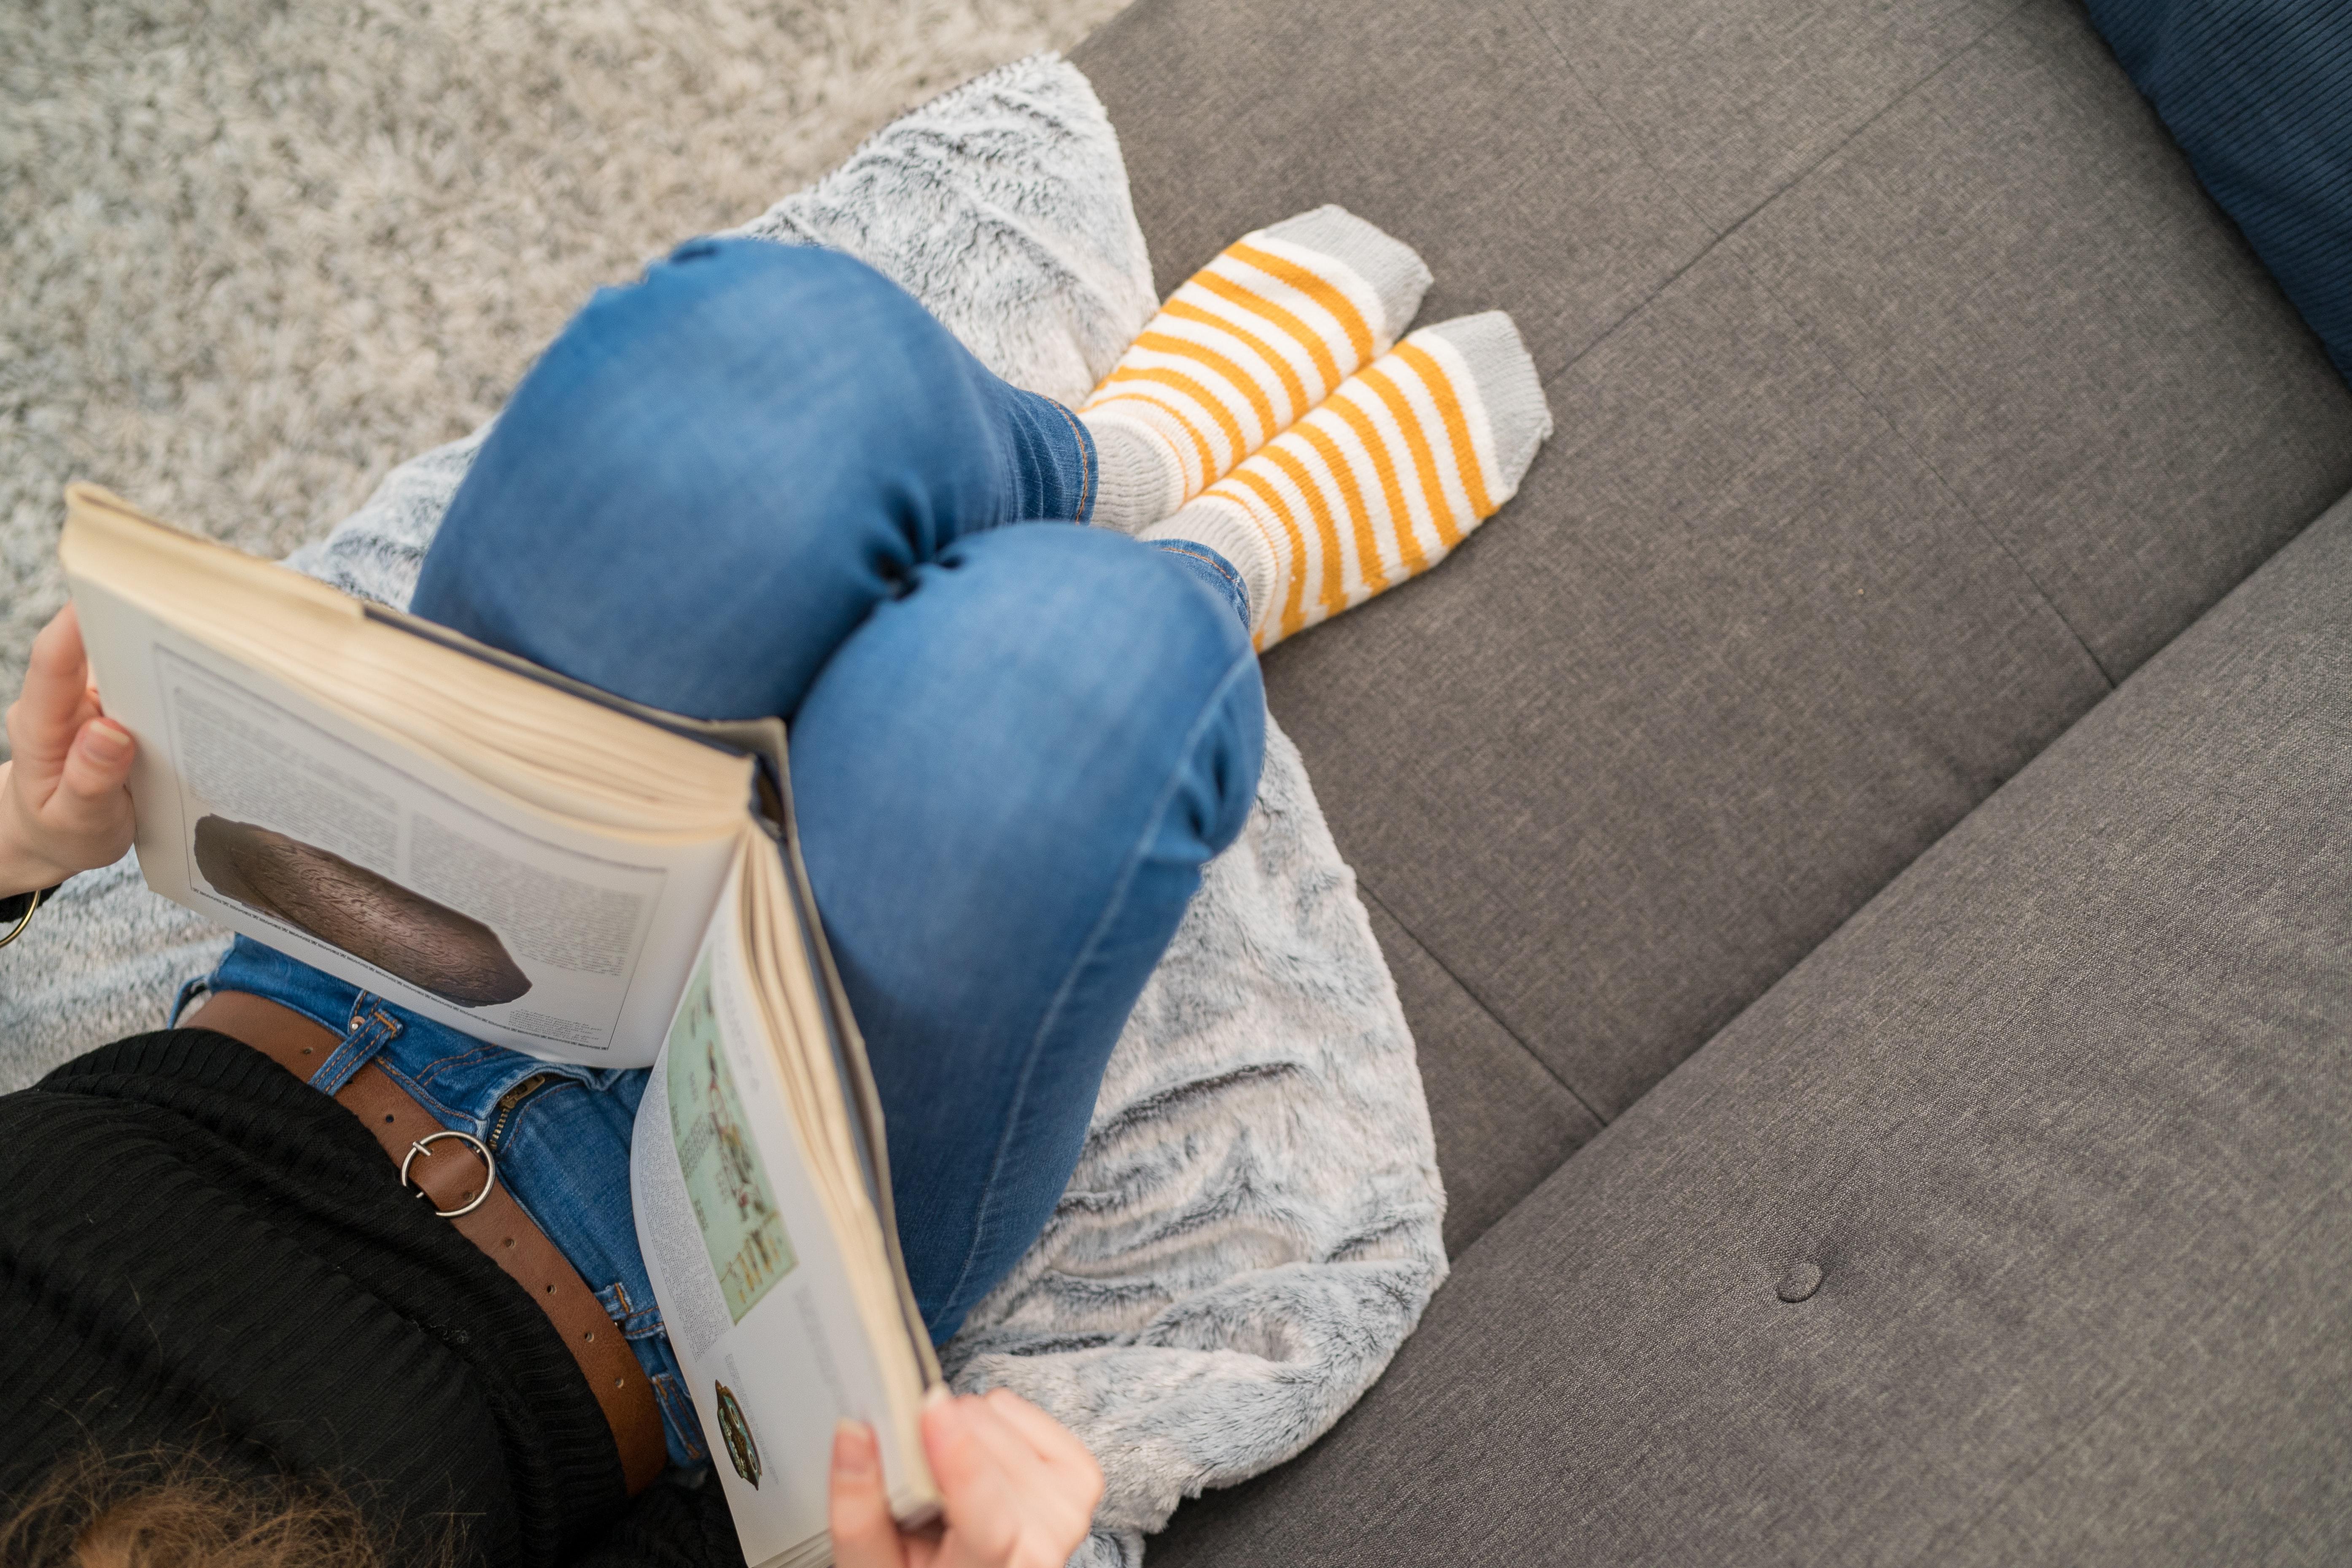 Bog, pige, læsning, sokker, sofa, hygge. (Foto: Unsplash)